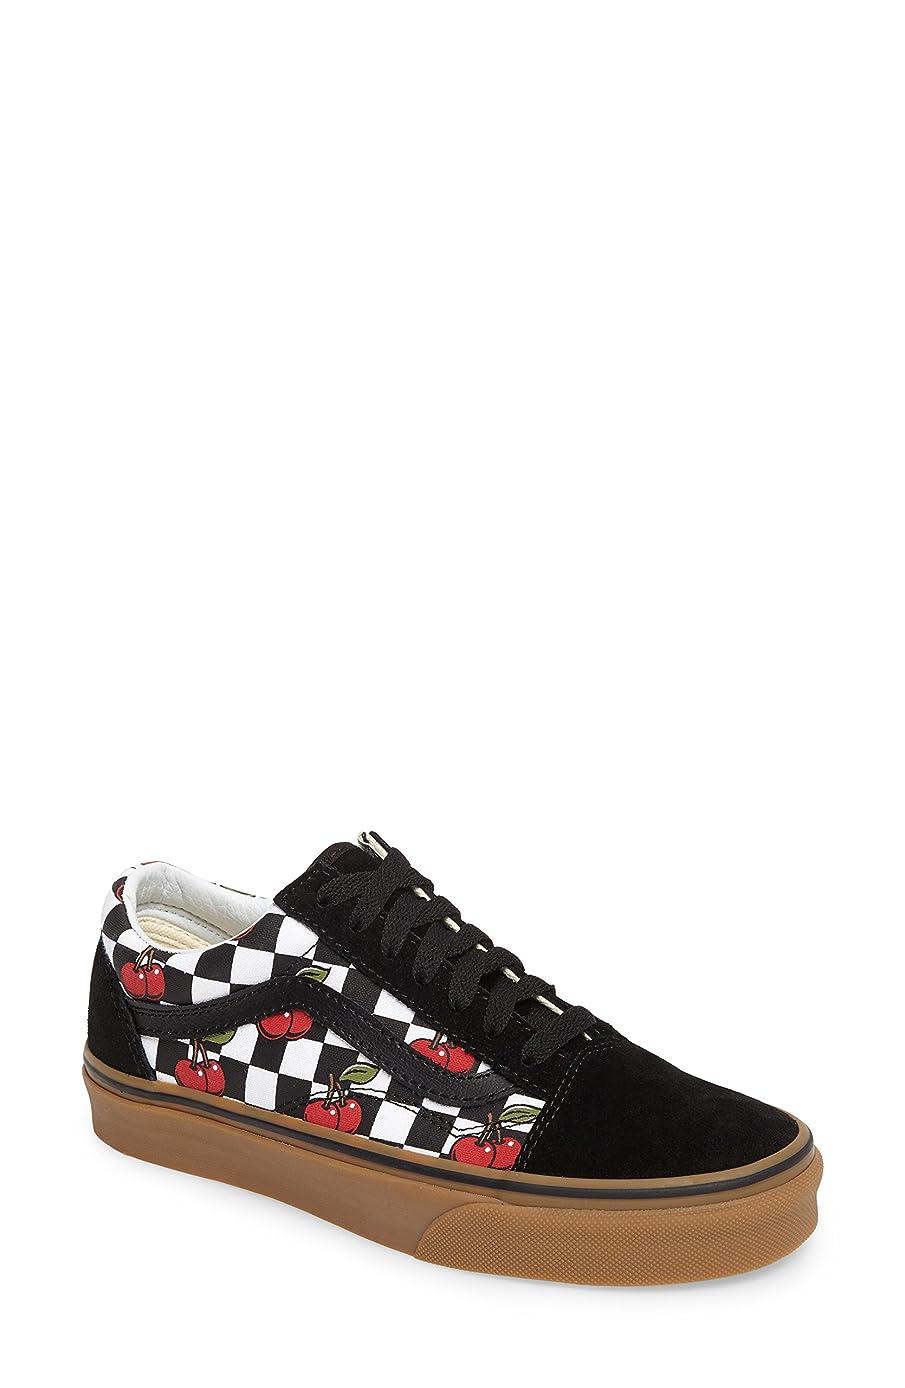 堤防セクションマットレスバンズ シューズ スニーカー Vans Old Skool Sneaker (Women) Black/ Gum [並行輸入品]